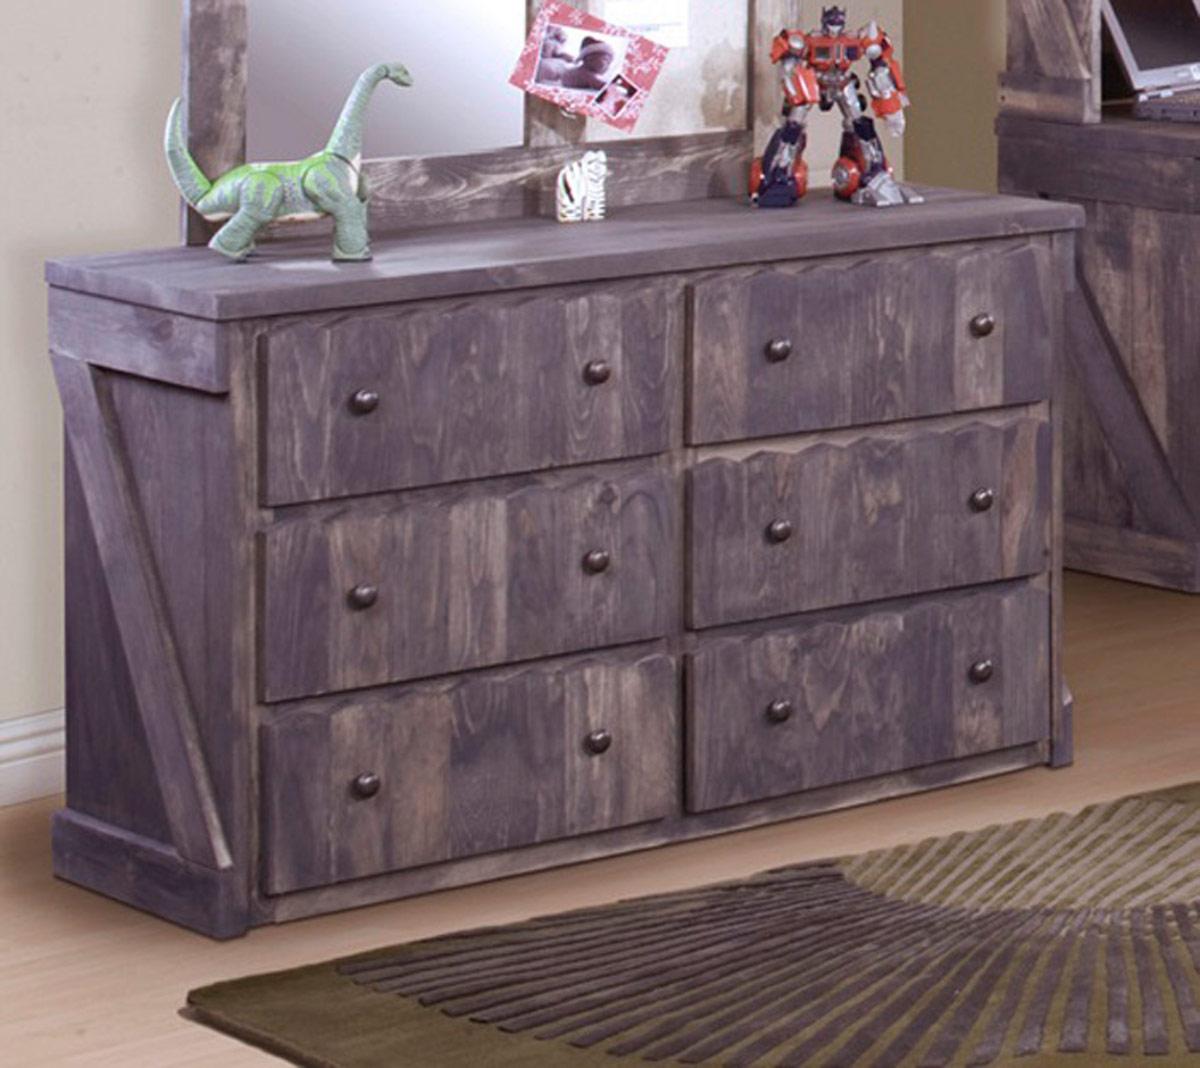 Chelsea Home 3514282 6 Drawer Dresser - Driftwood